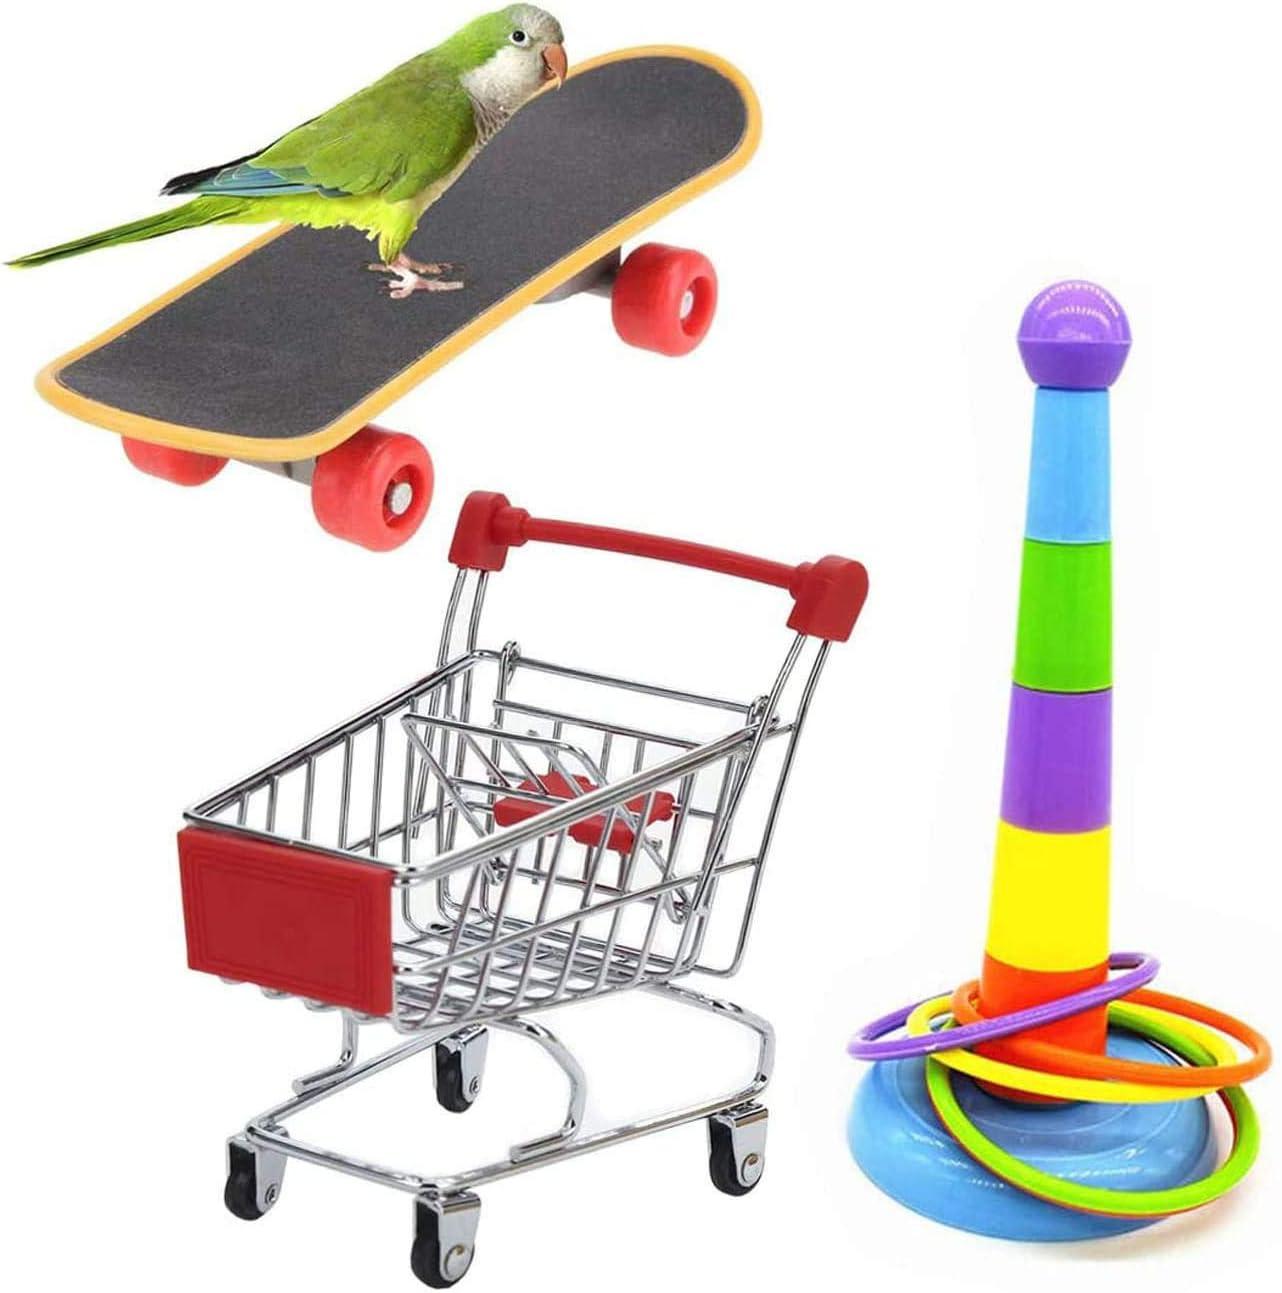 Wonninek 3 Piezas Parrot Toys Mini Carrito de Compras Anillos de Entrenamiento Soporte para patineta Perca Comida para Loros, guacamayos, cotorras, periquitos, y cacatúas